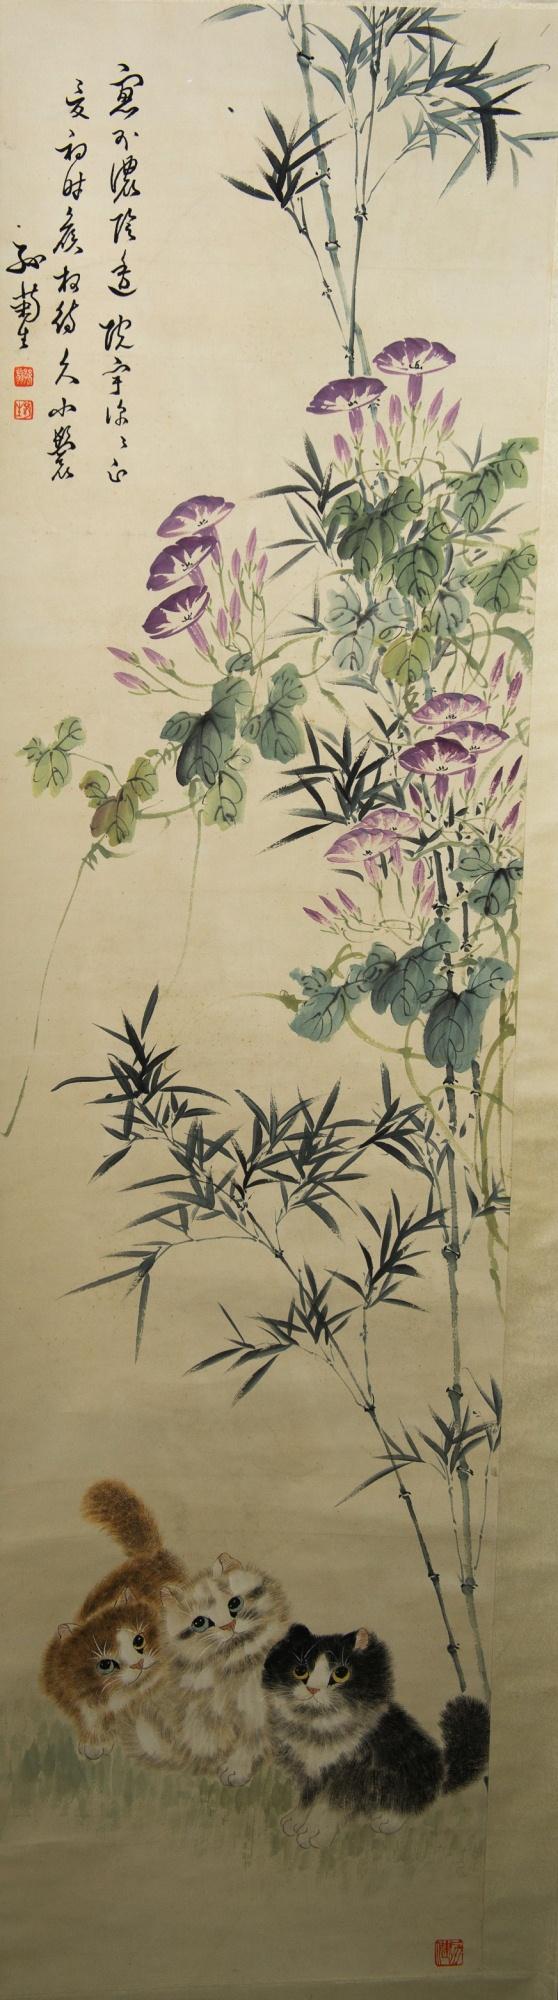 Chinese Group of Kittens Sun Ju Sheng 1913-